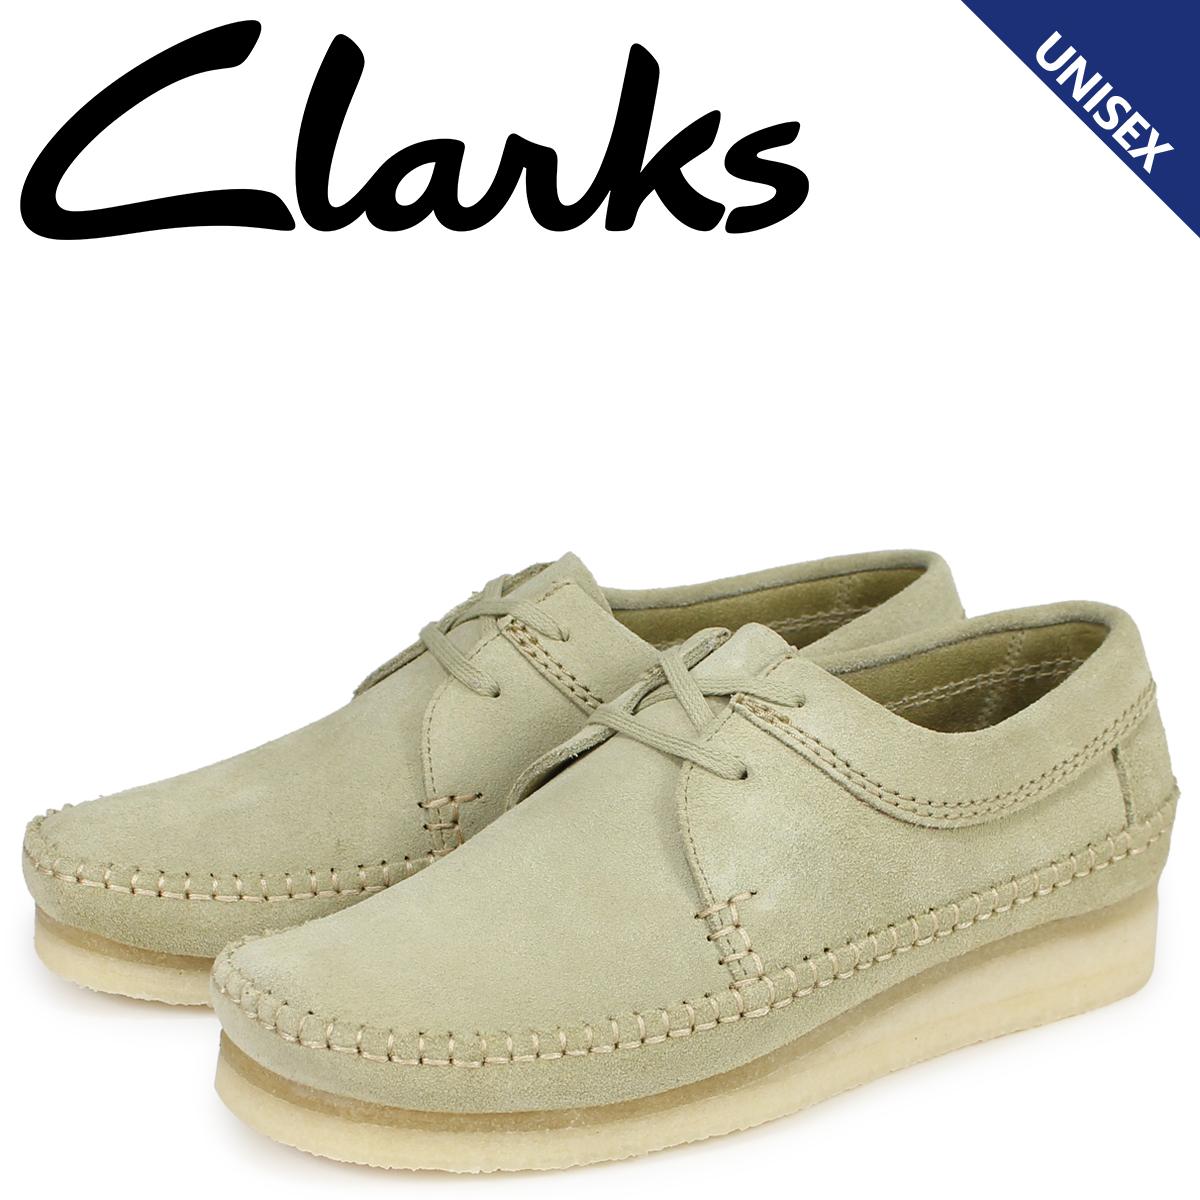 クラークス Clarks ウィーバー ブーツ メンズ レディース WEAVER メープルスエード ベージュ 26133285